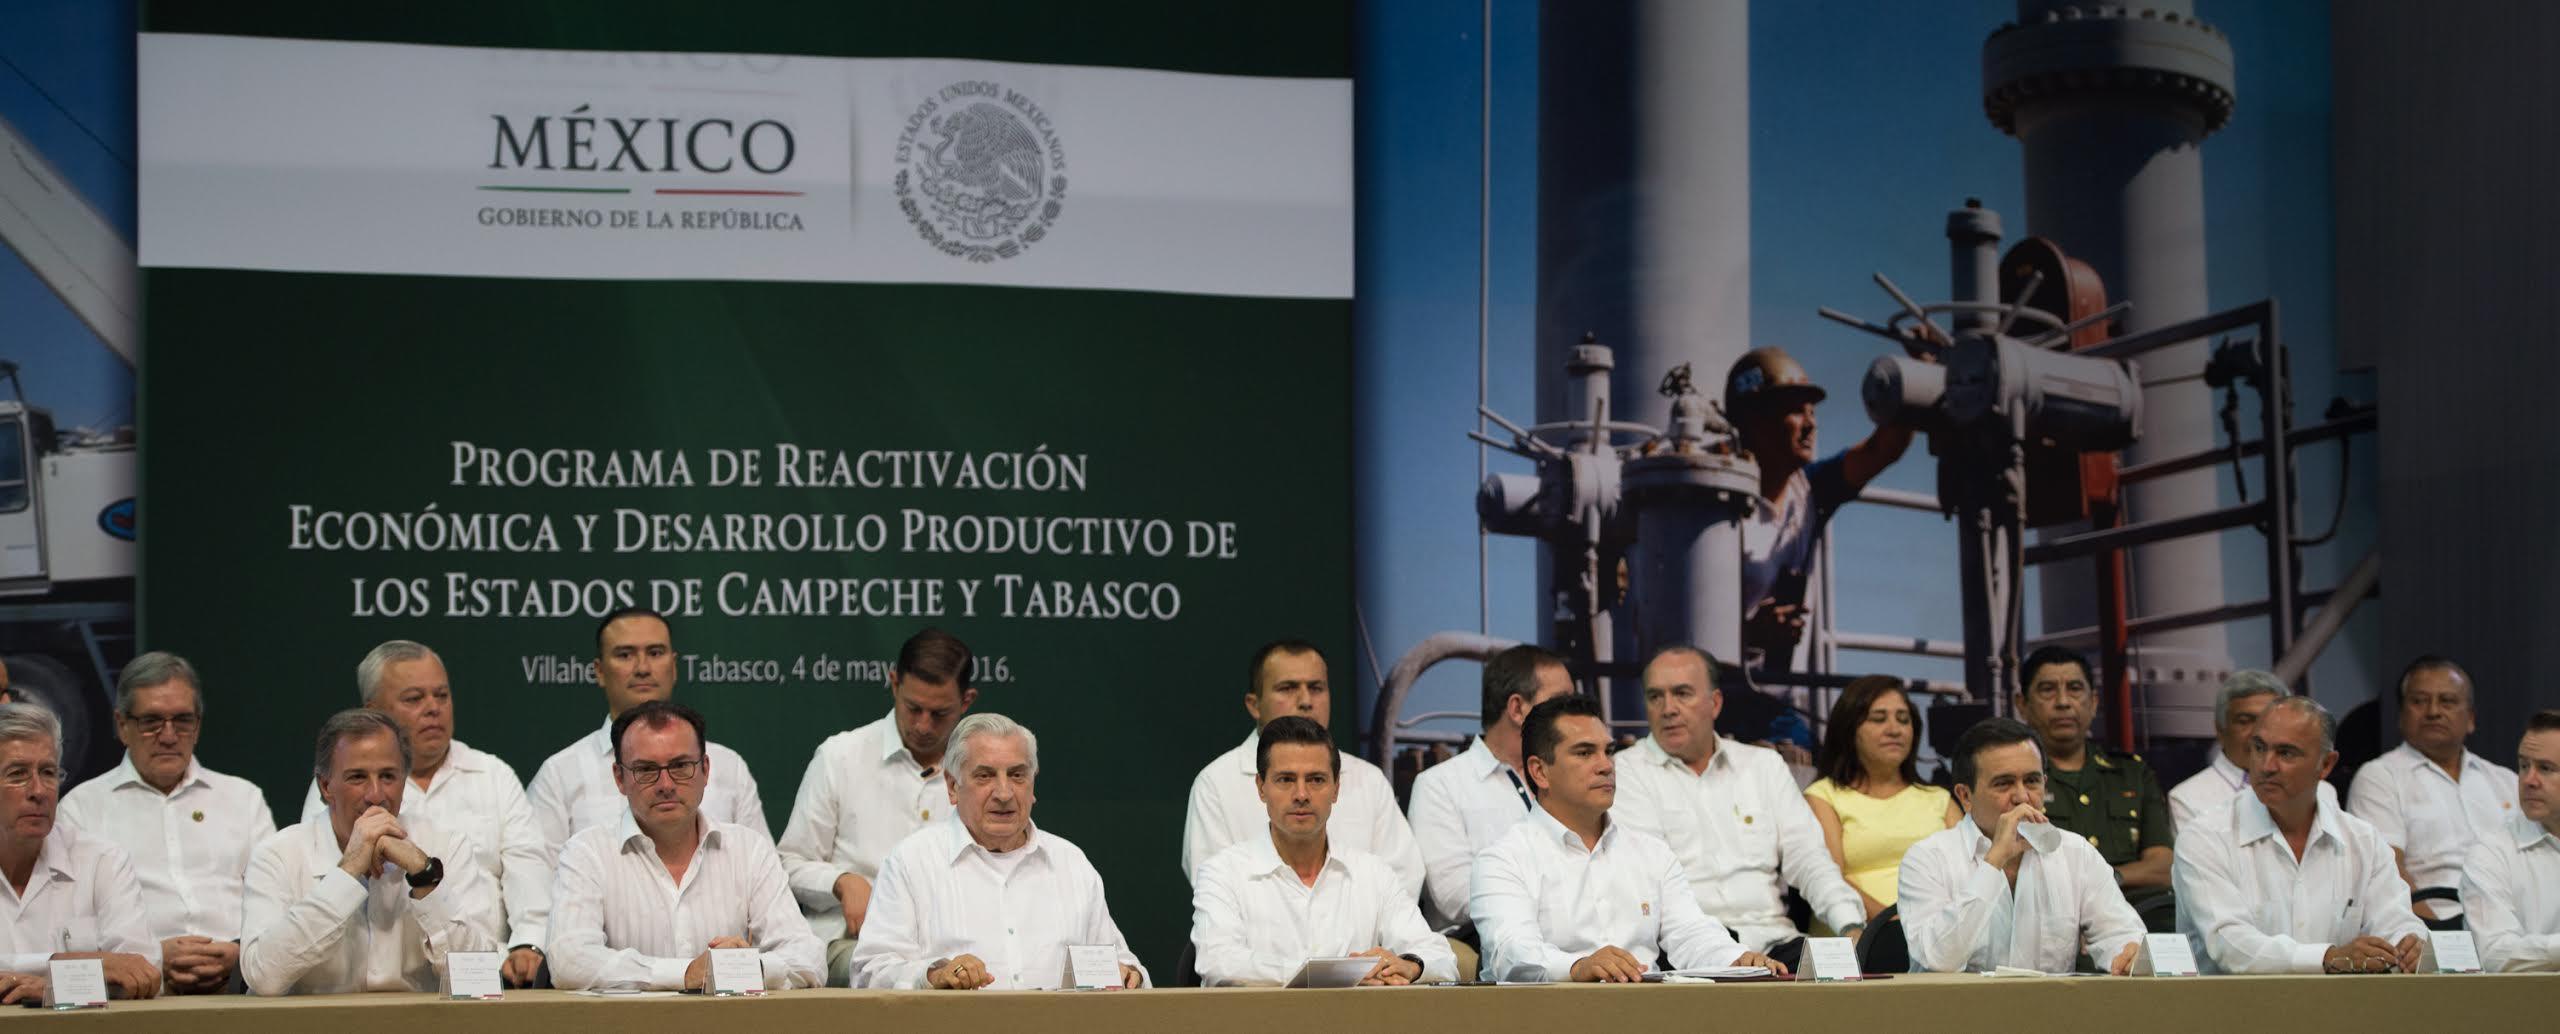 """""""Es un paquete de acciones estratégicas para incentivar, diversificar y despetrolizar la actividad económica de esta importante región del país"""": EPN"""